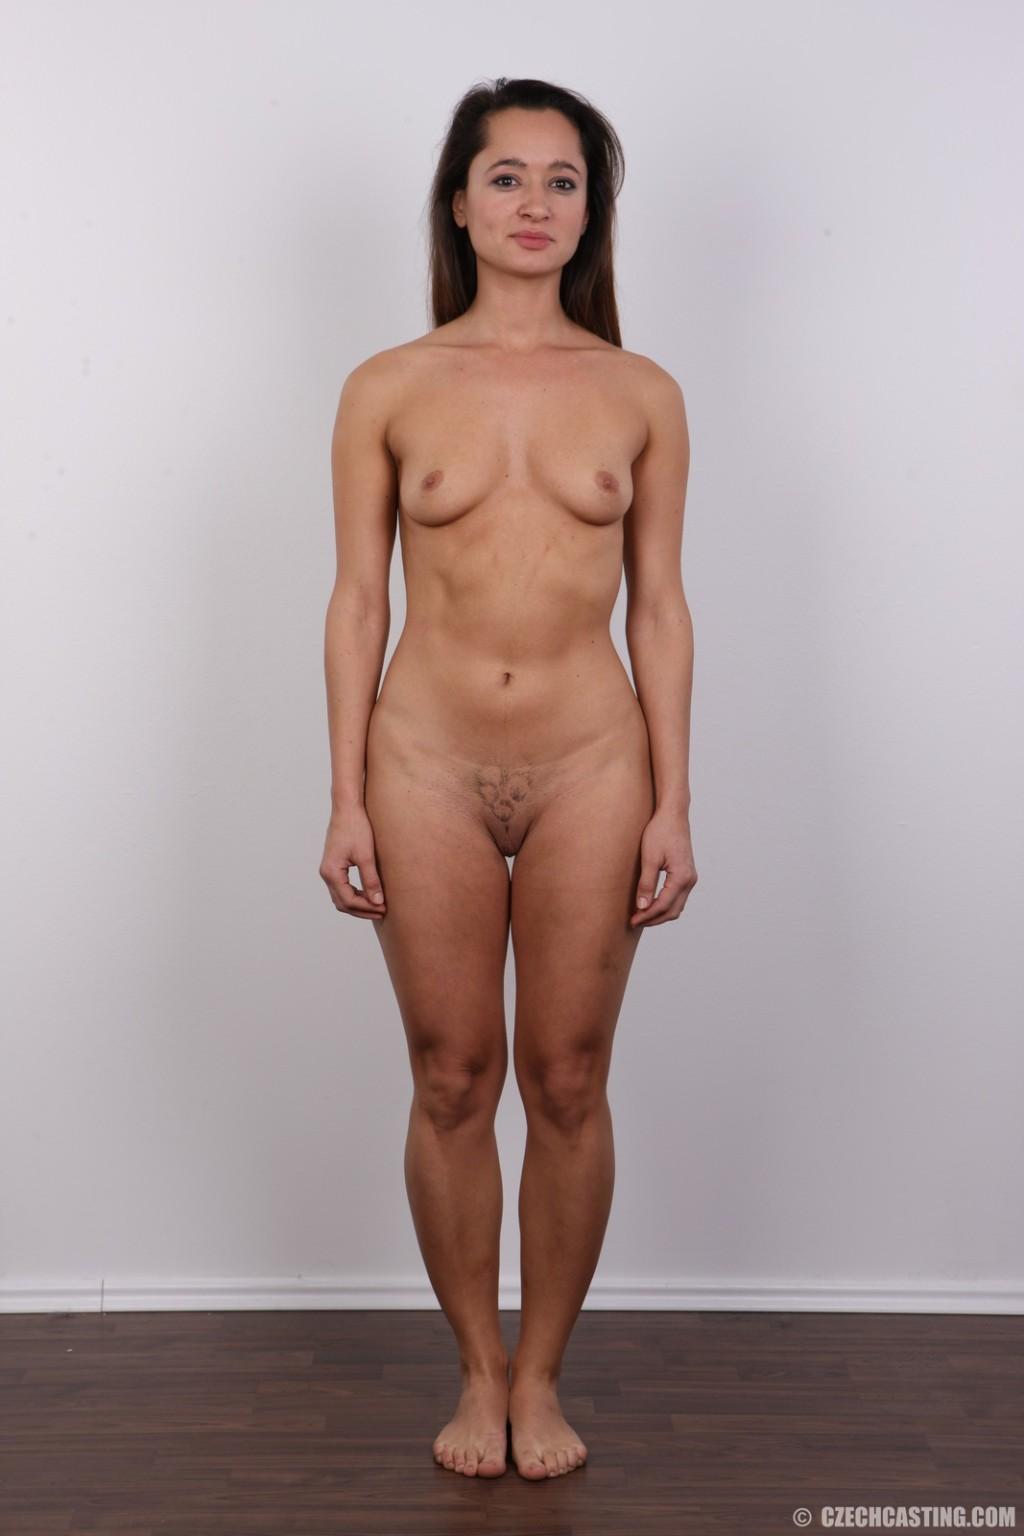 Сочные женщины - Галерея № 3528651